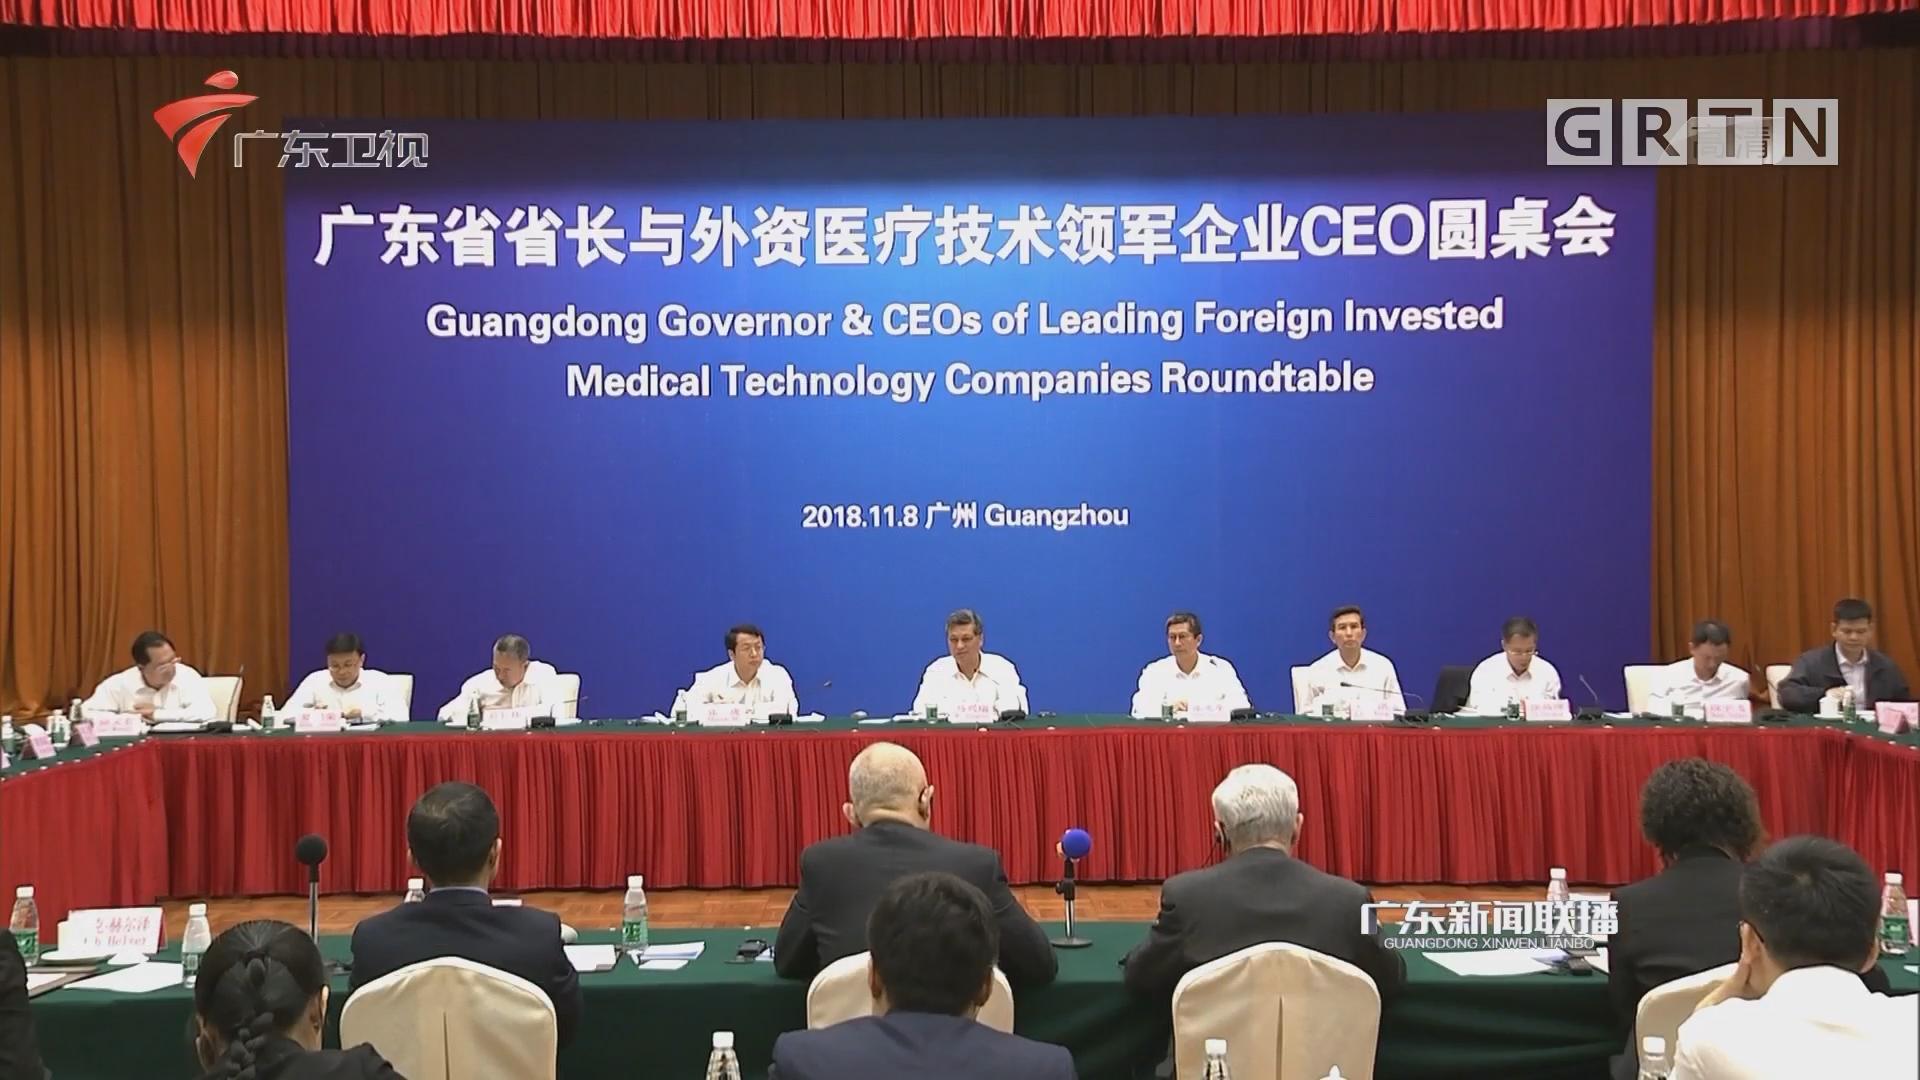 马兴瑞出席广东省省长与外资医疗技术领军企业CEO圆桌会议 共同提升广东医疗技术行业发水平